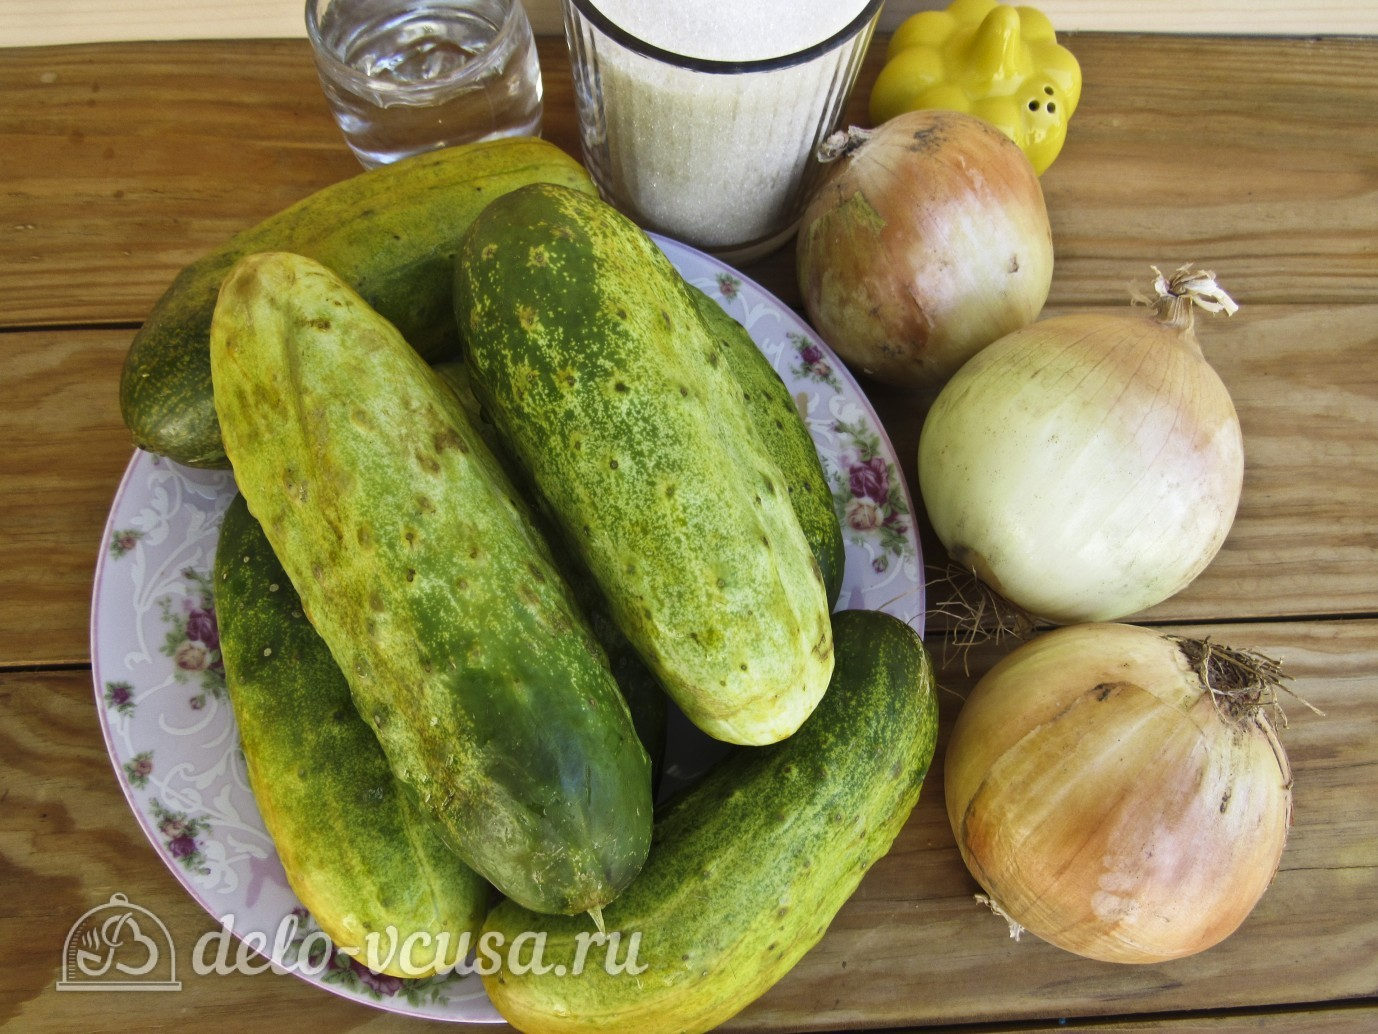 Салат Нежинский из огурцов: Ингредиенты